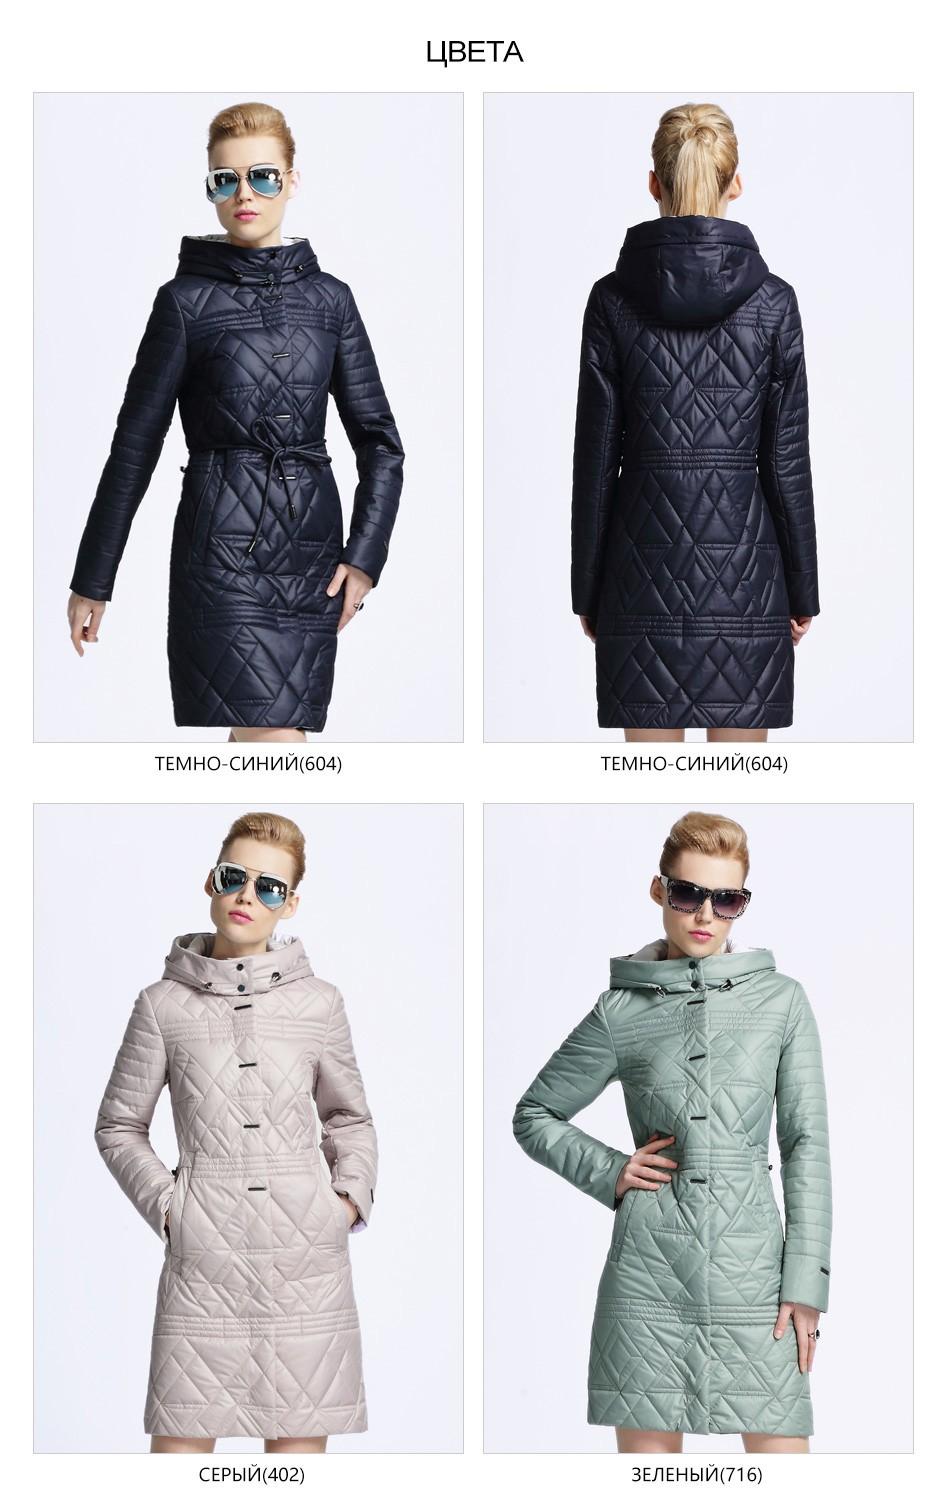 Женская верхняя одежда MIEGOFCE весна-осень